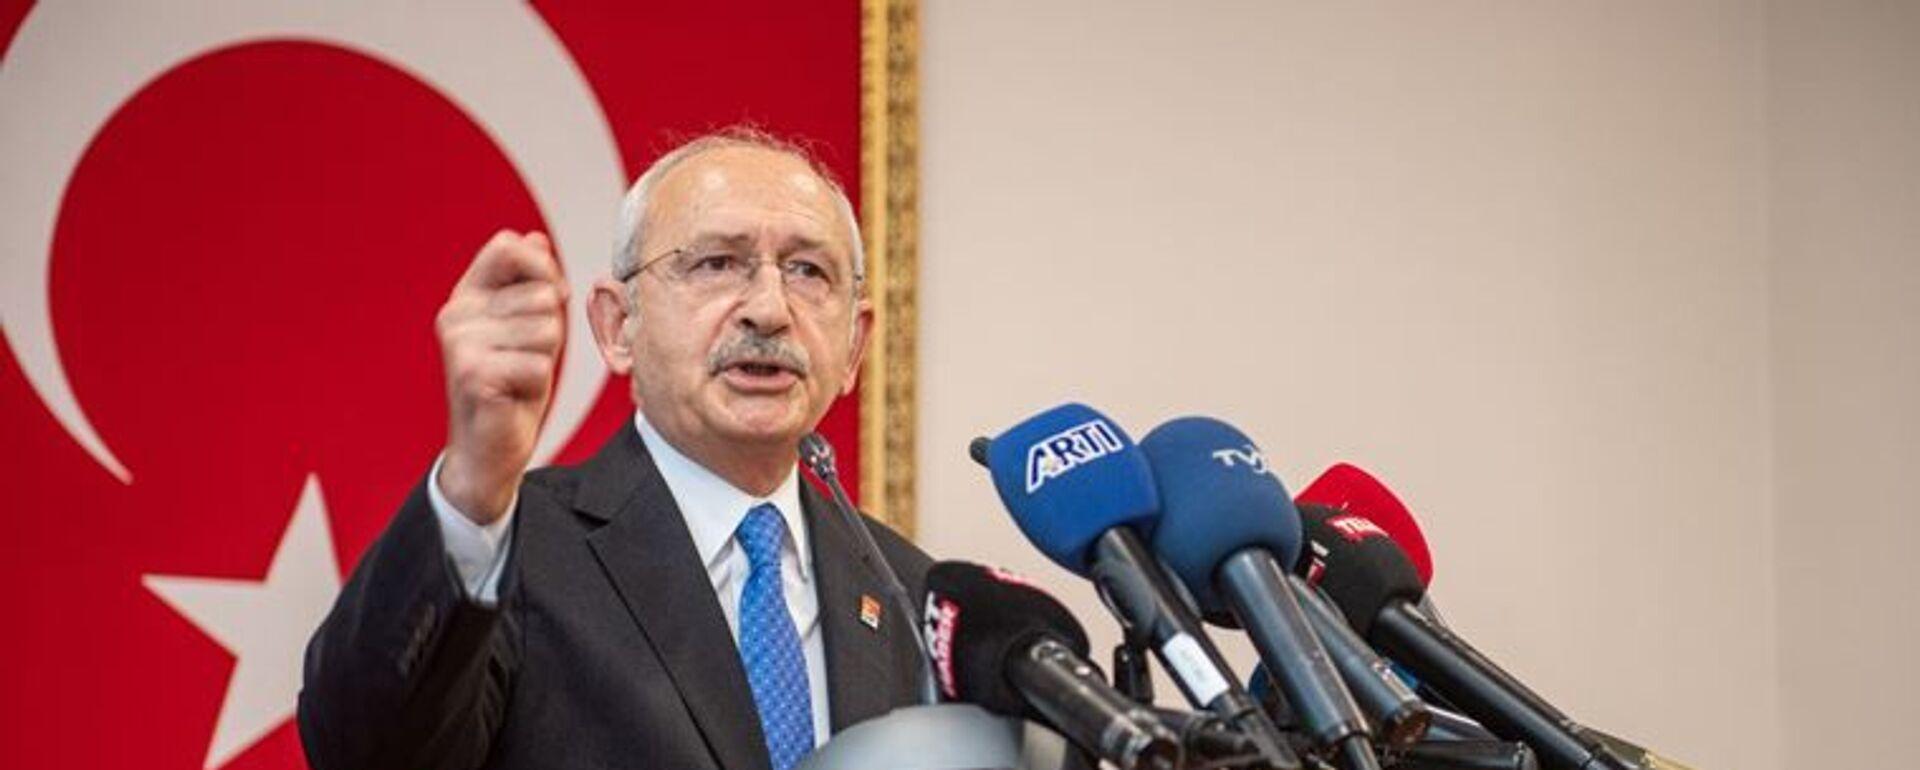 CHP Genel Başkanı Kılıçdaroğlu, Antalya Kriz Merkezi'nde konuştu: Her yıl 1 tane uçak alınsa bugün 19 uçağımız olacaktı - Sputnik Türkiye, 1920, 21.09.2021